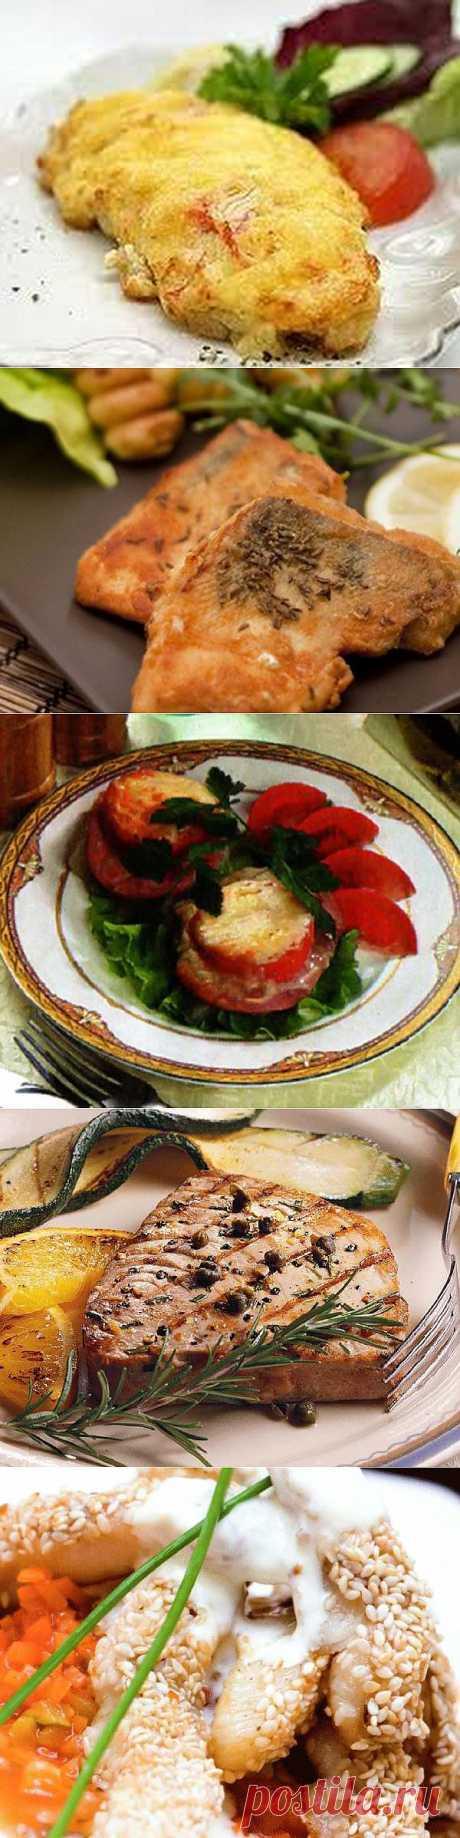 Самые вкусные рецепты блюд из рыбы - фото.